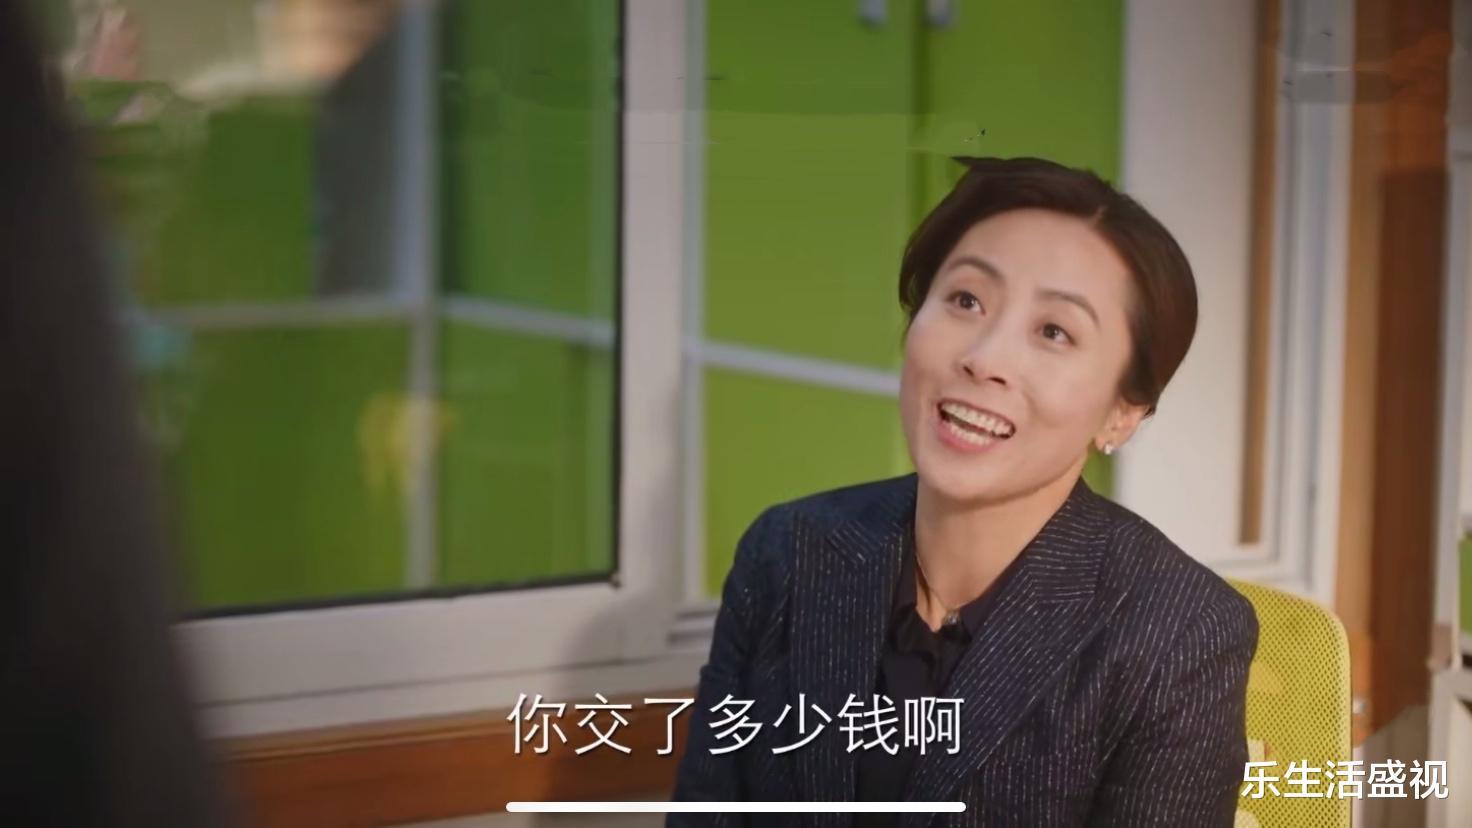 《親愛的自己》雨薇被老師欺負,張芝芝無能無力,劉洋的做法好解氣-圖5